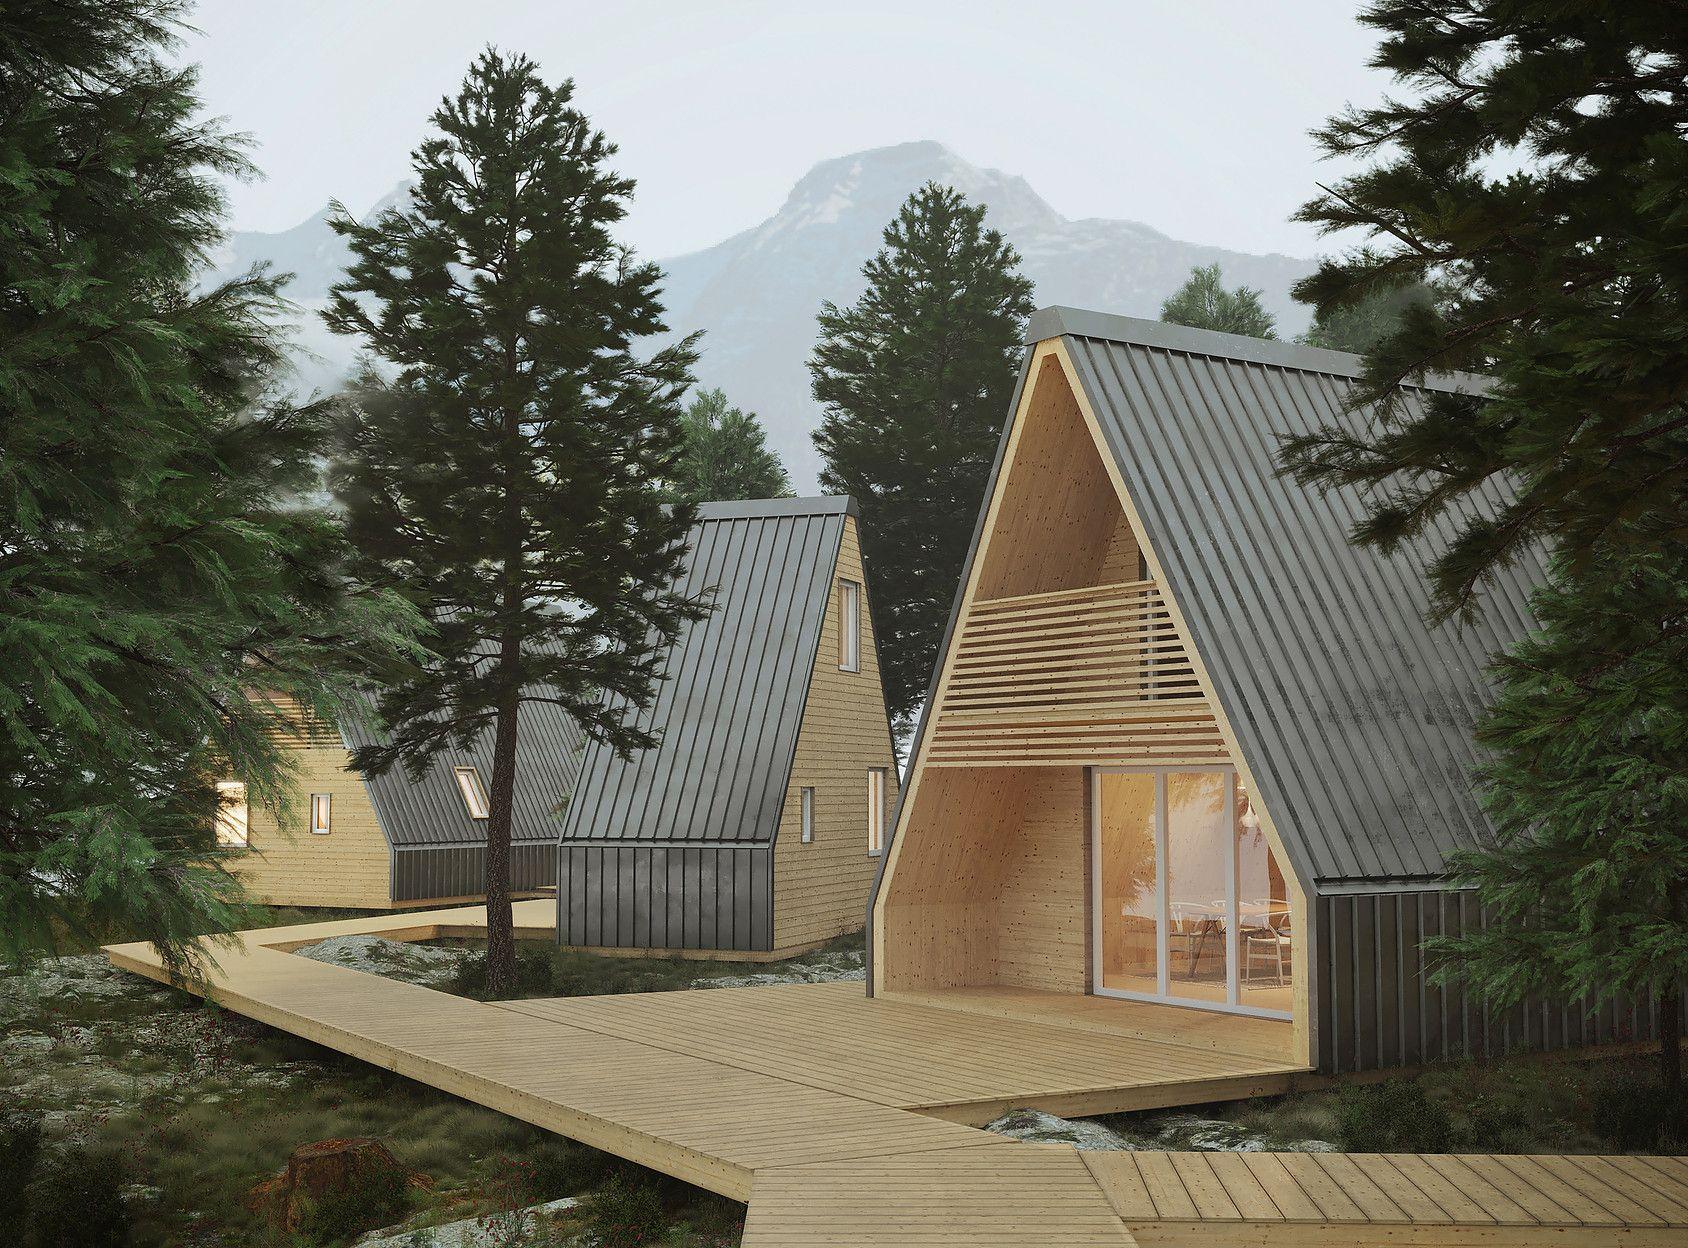 Ein Fertighaus Zum Aufklappen Diese Art Von Fertigem Blockhaus Kommt Aus Italien Fertighauser Architektur Moderne Architektur